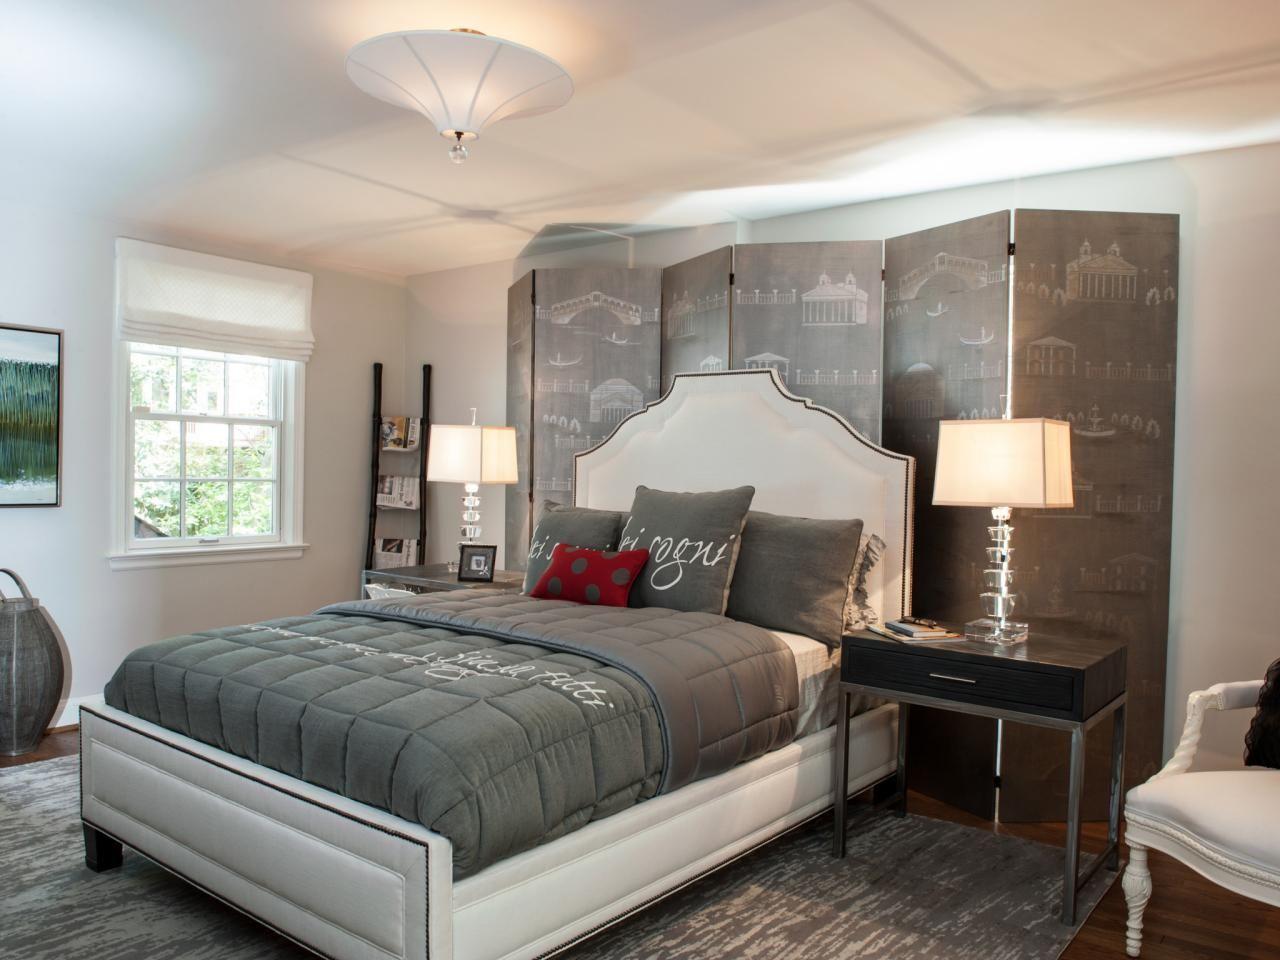 Romantisches schlafzimmer interieur master schlafzimmer farbe ideen unabhängig von der größe des master